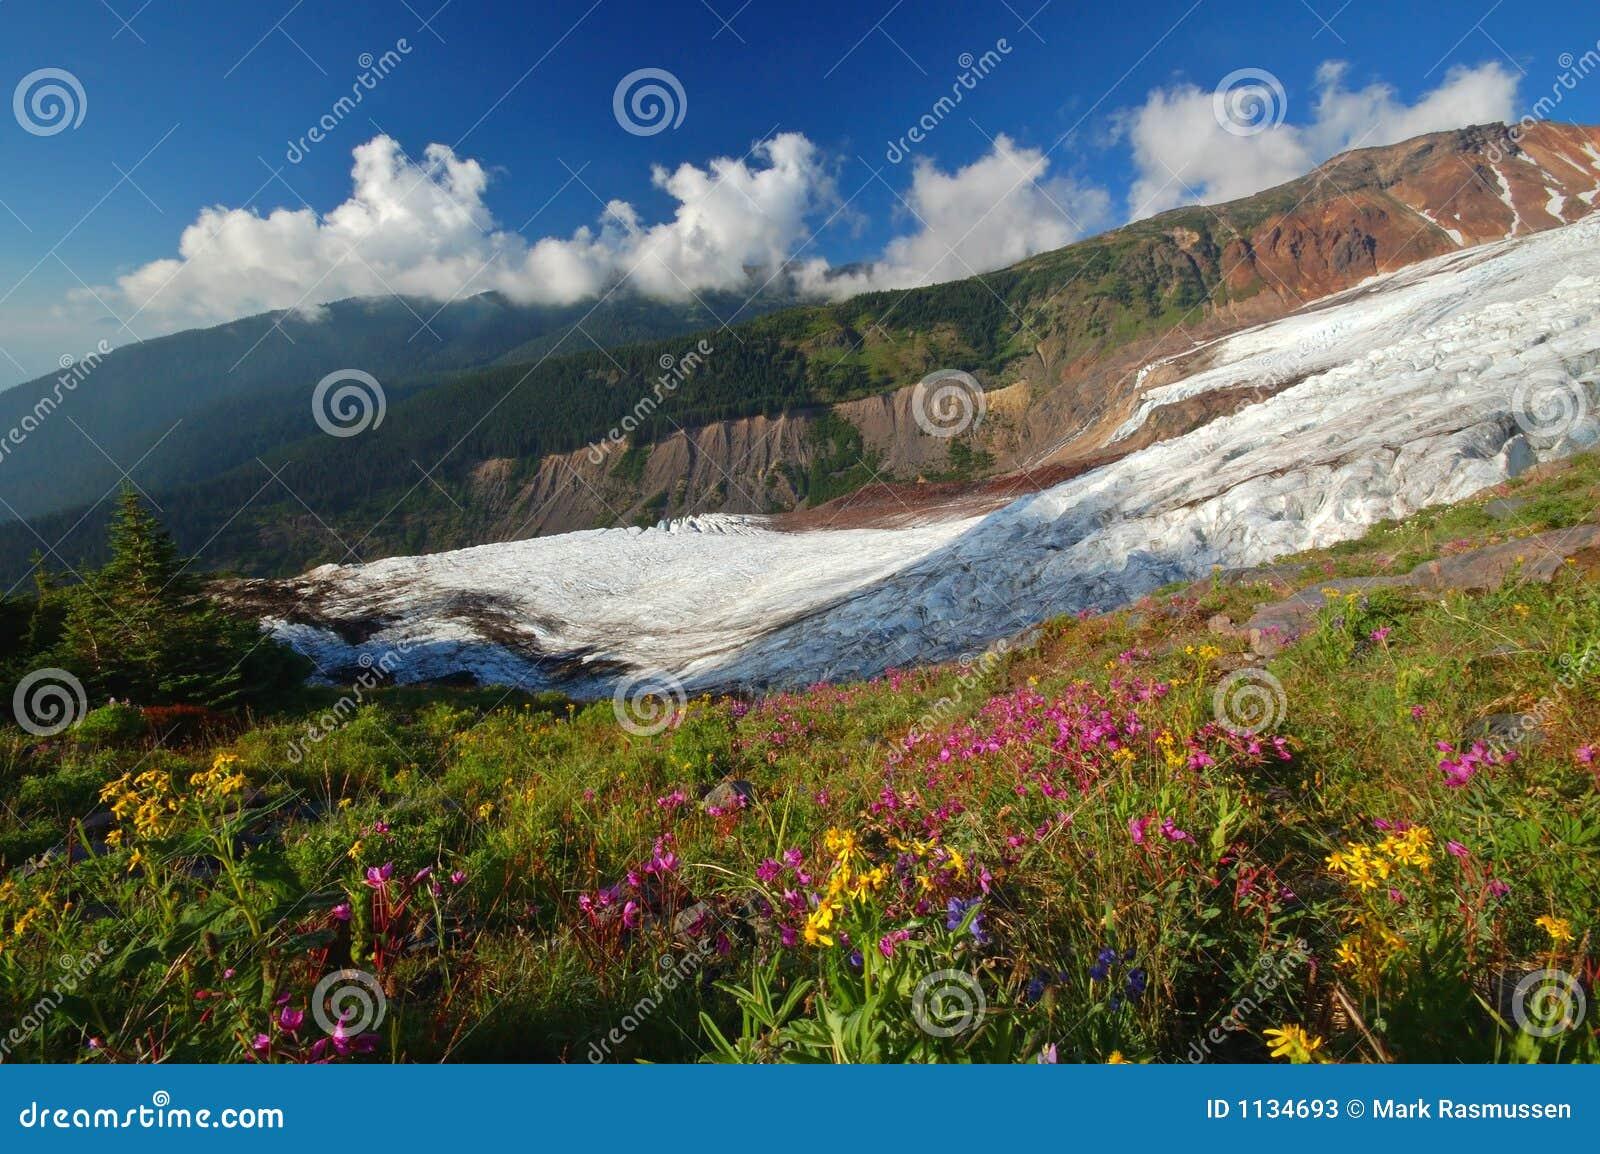 Mighty glacier in summer